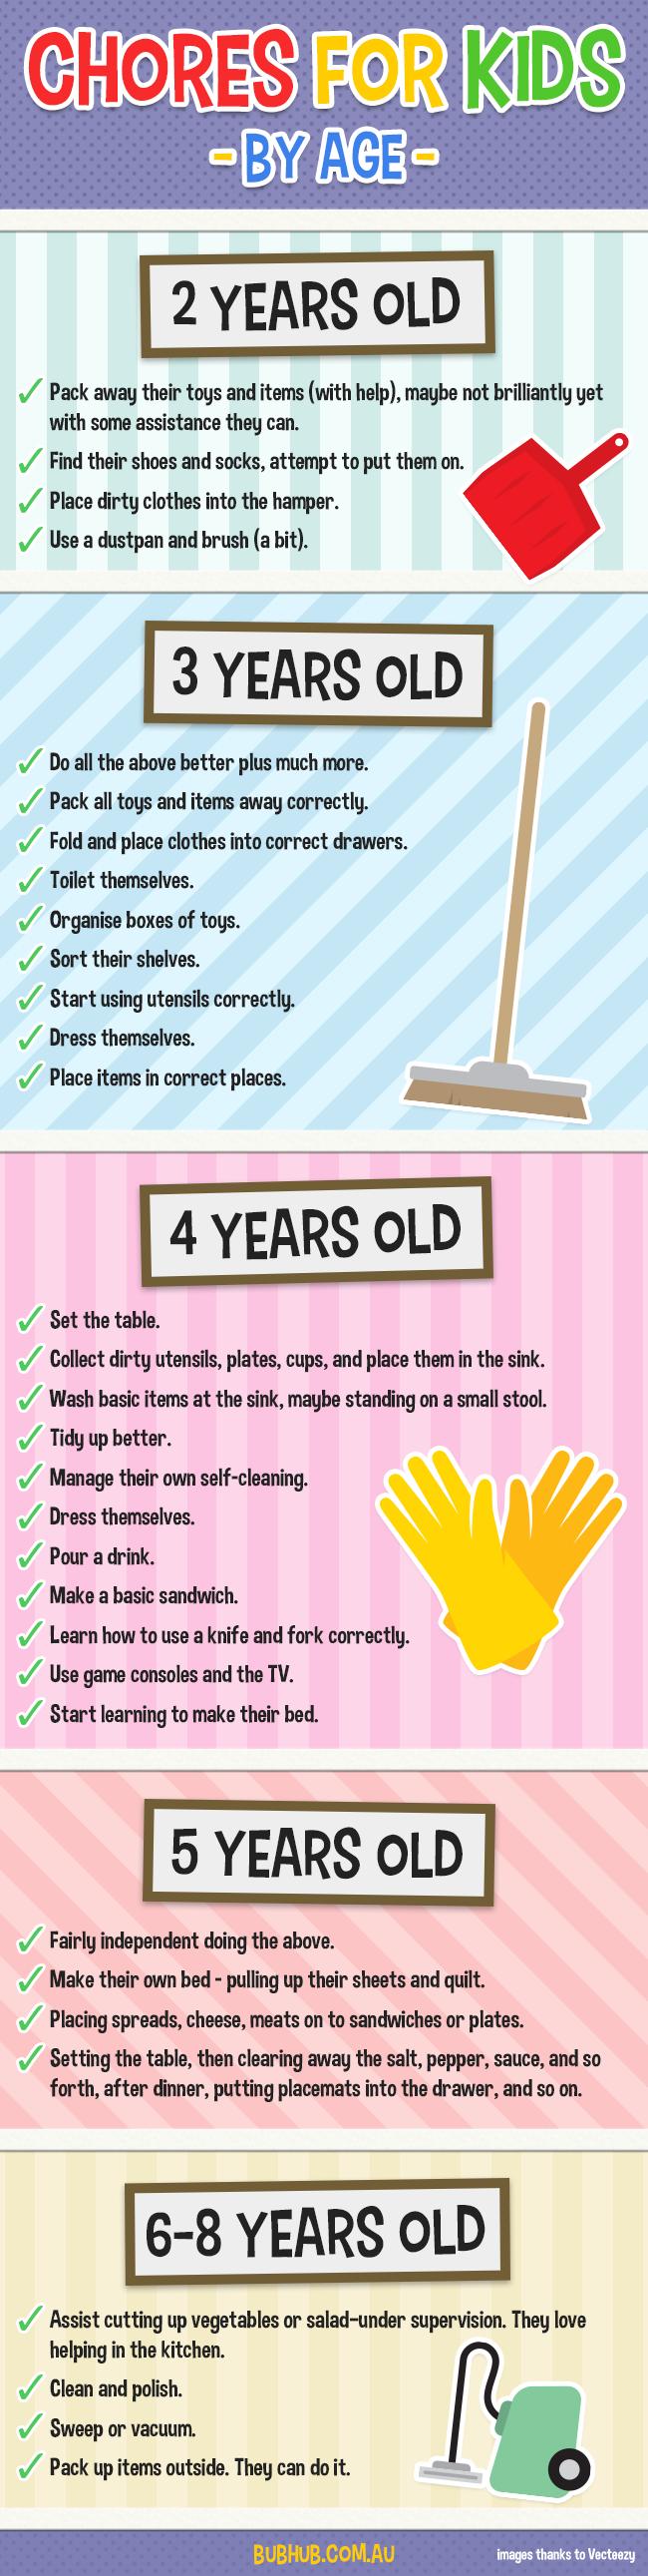 孩子们可以开始照看自己的物品,从两岁开始做基本的小工作。他们年龄越大,他们的能力就越强。允许并期待他们,他们会。看看我们的与年龄相符的家务清单...